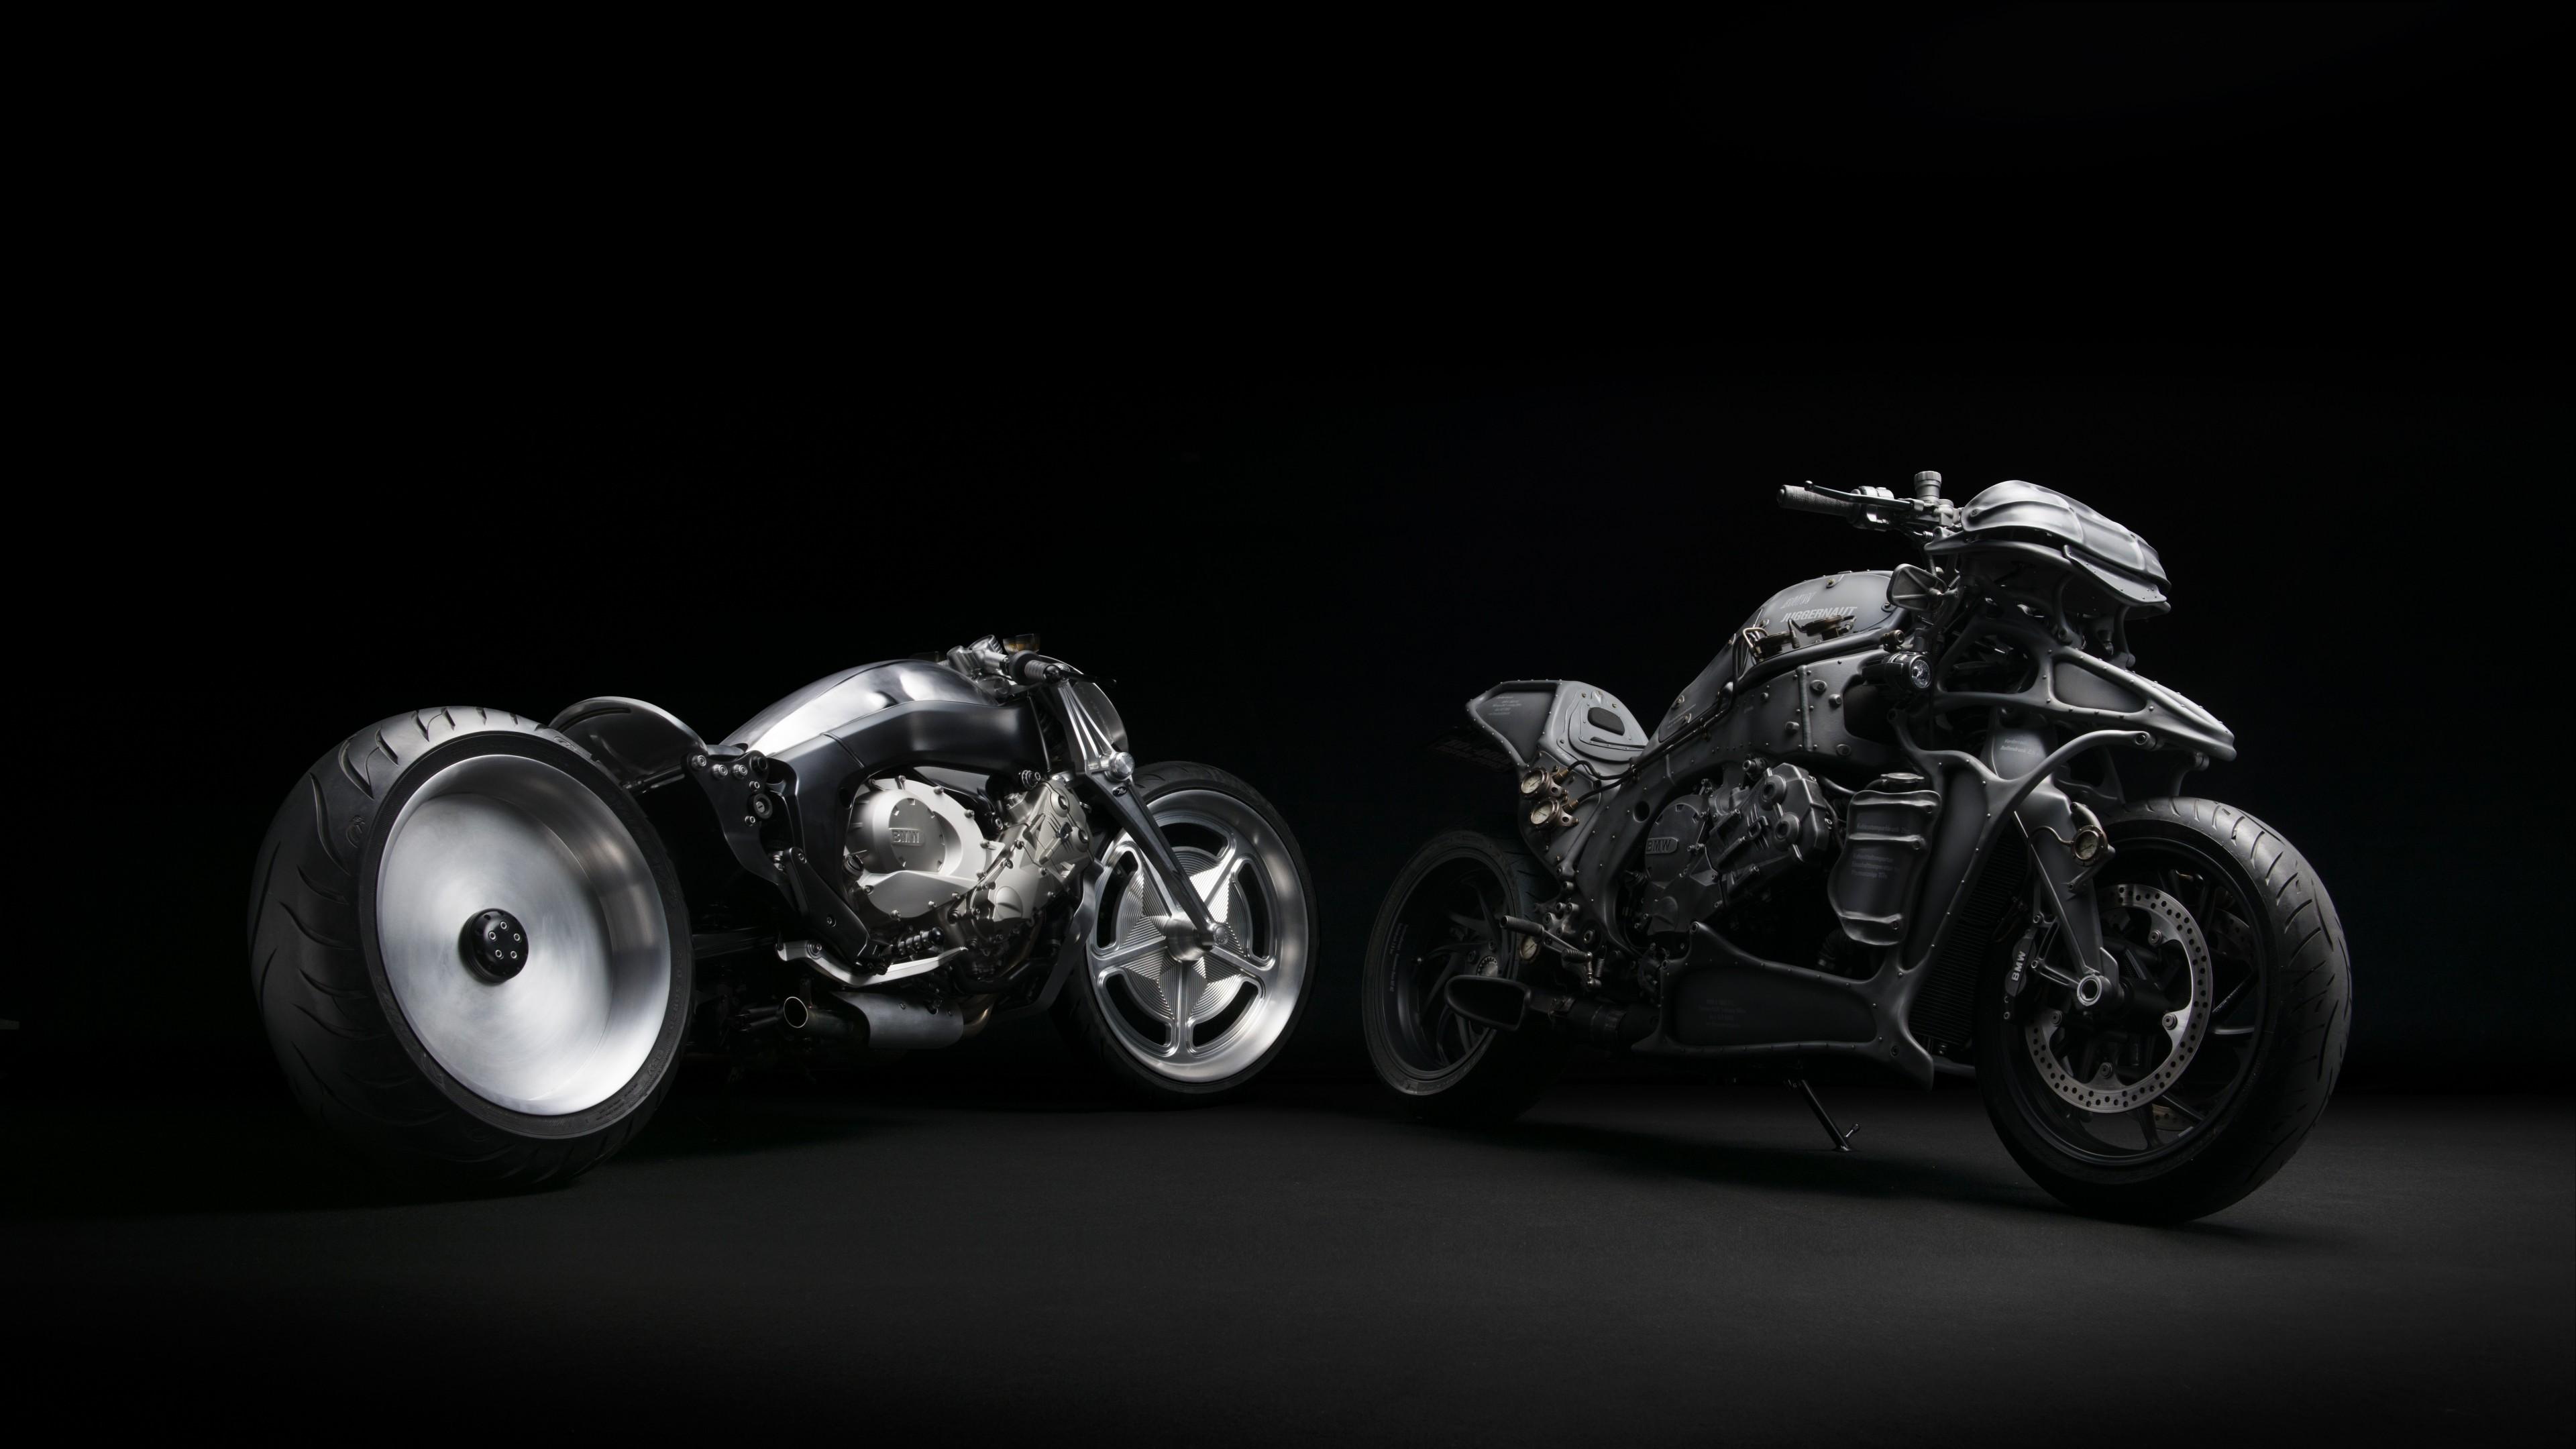 Фантастически мощные мотоциклы для путешествий